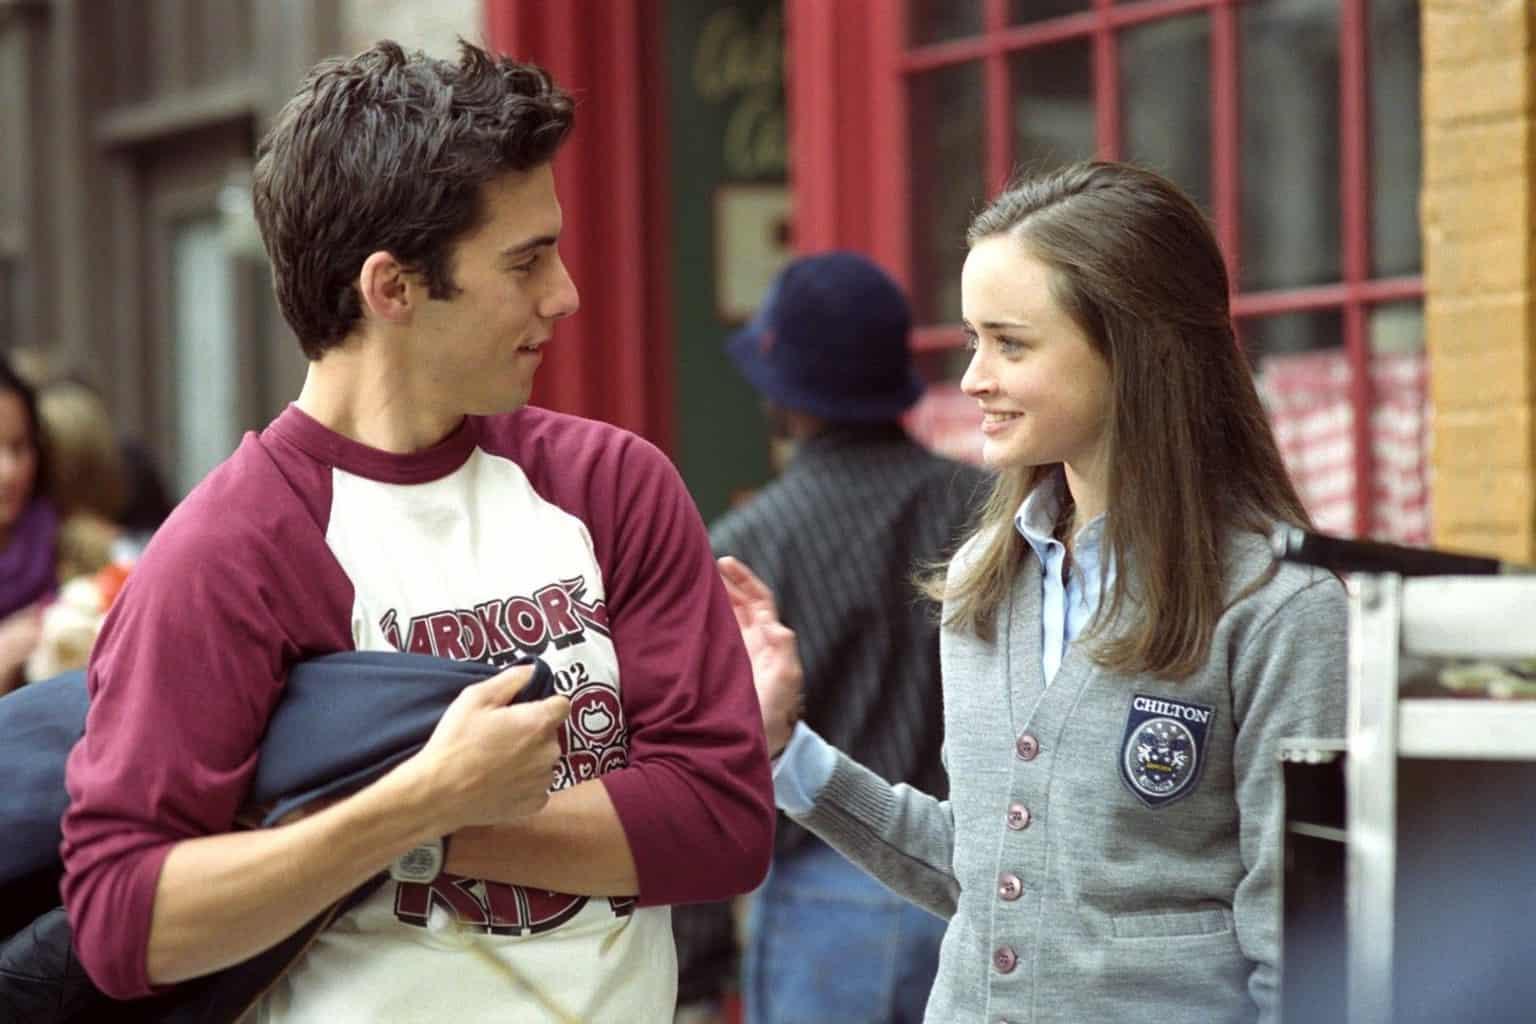 Rory e Jess si guardano sorridendo e camminano per le strade di New York. Tratto da un episodio della seconda stagione, uno dei migliori delle Gilmore Girls.